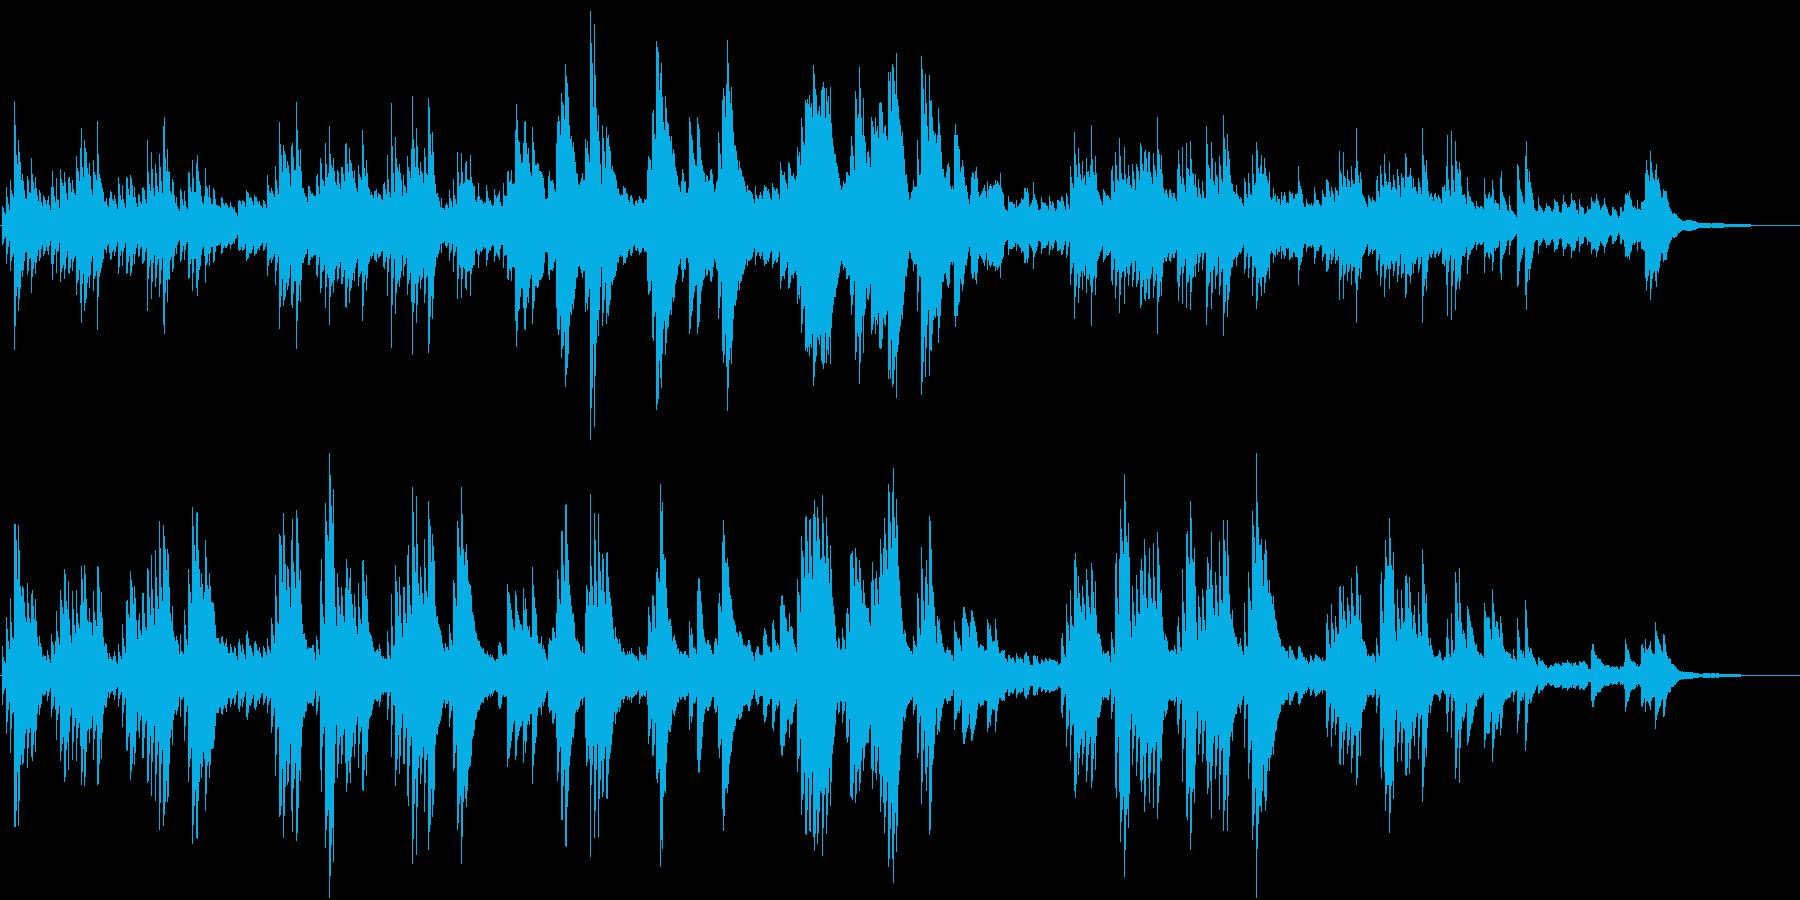 軽やかでキラキラしたイメージのピアノソロの再生済みの波形